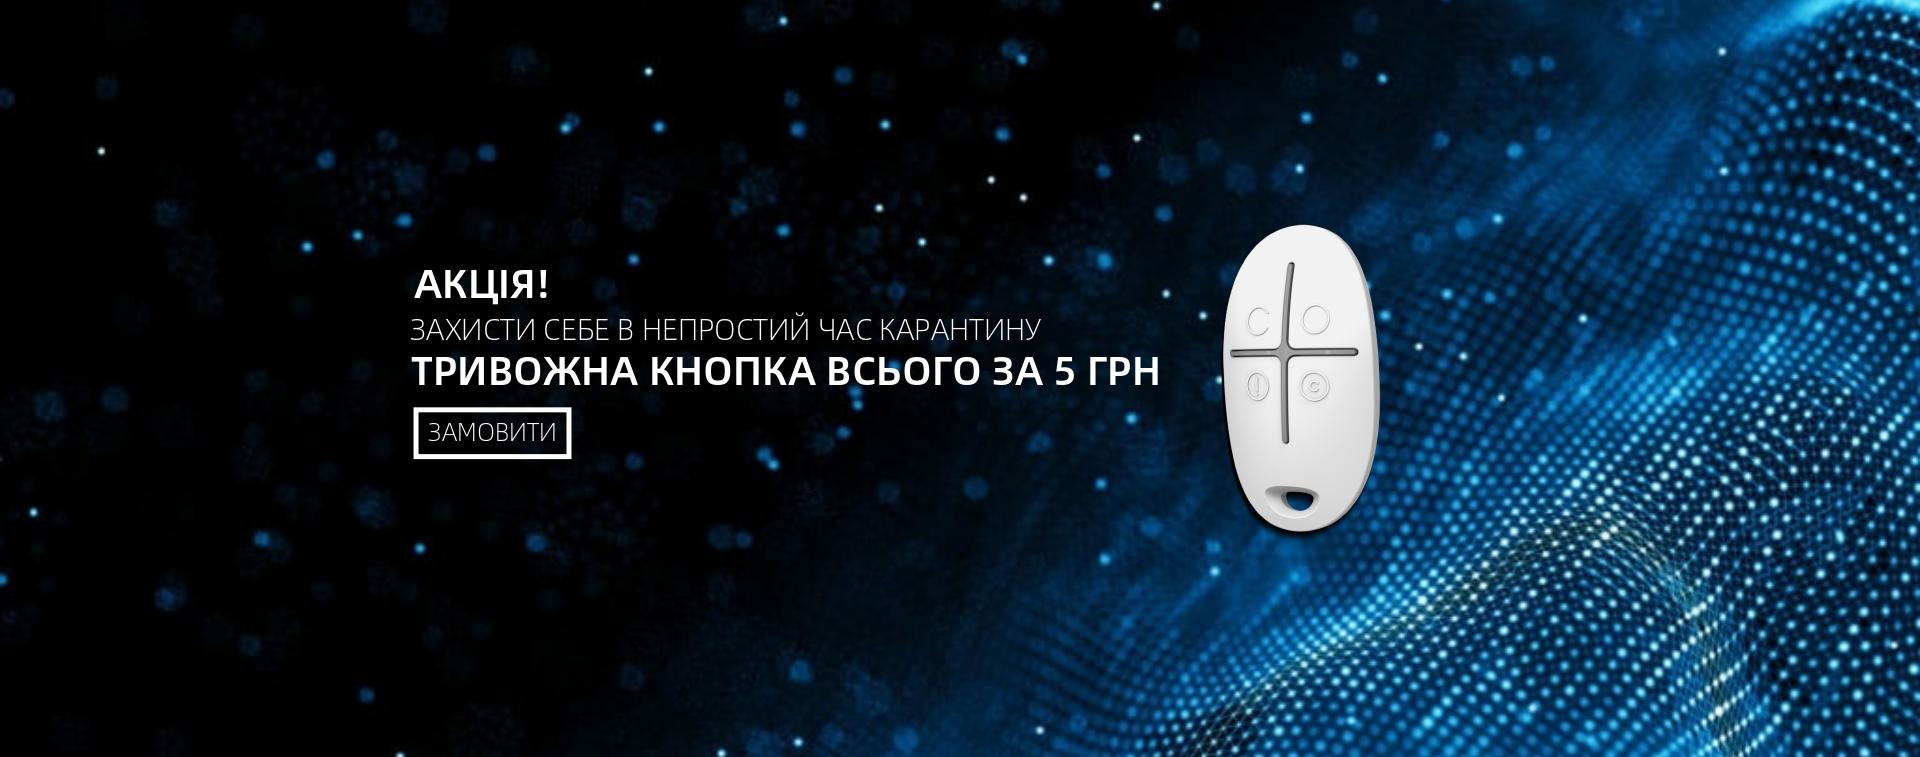 gl_tk_ukr